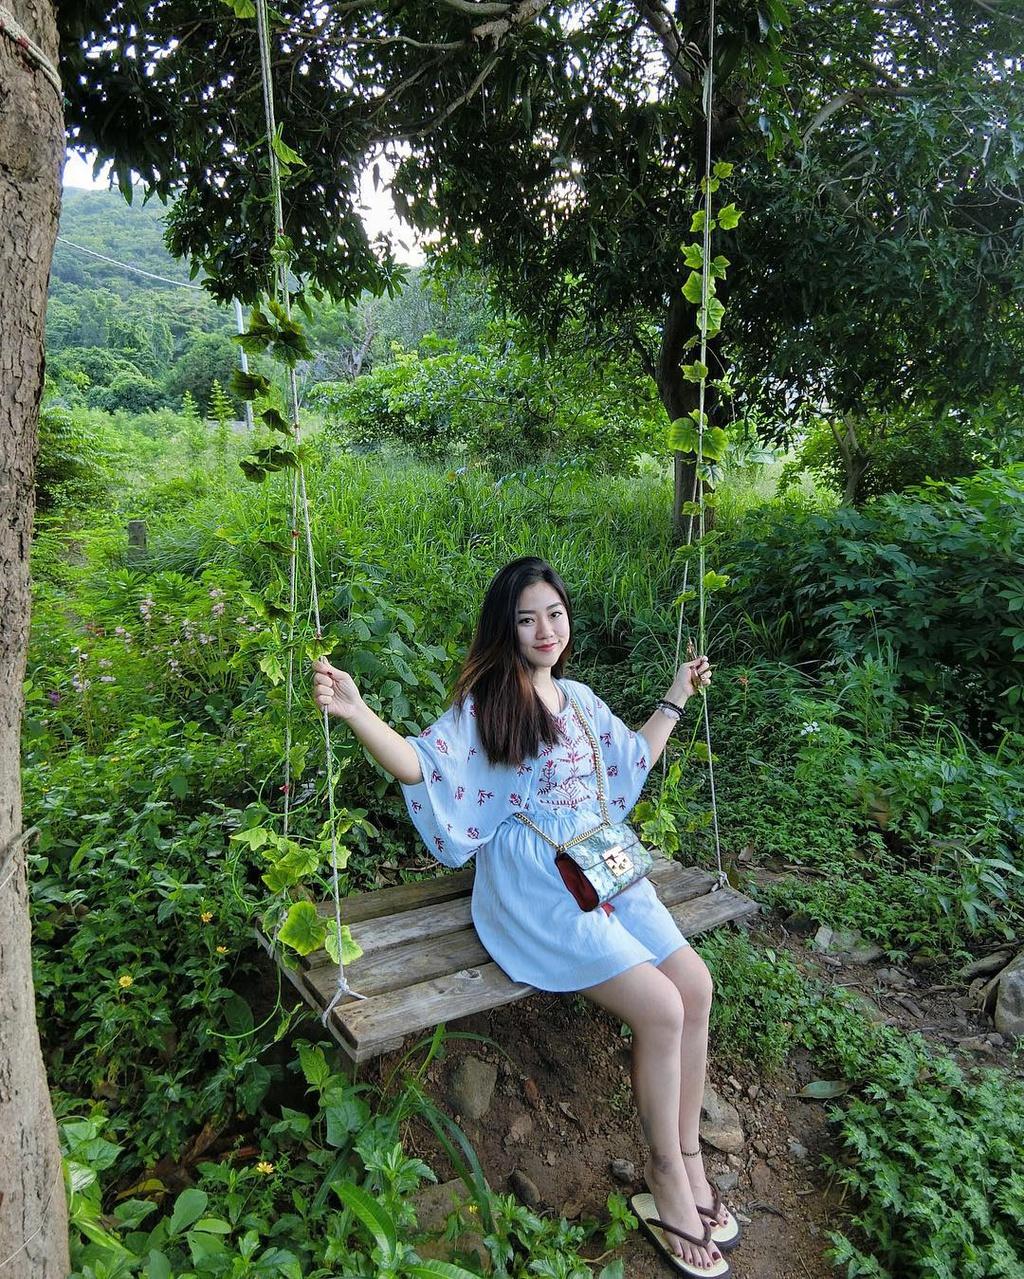 4 homestay o Vung Tau phu hop cho dip du lich dau nam moi hinh anh 19 20759368_1813841725298640_944325452825100288_n.jpg